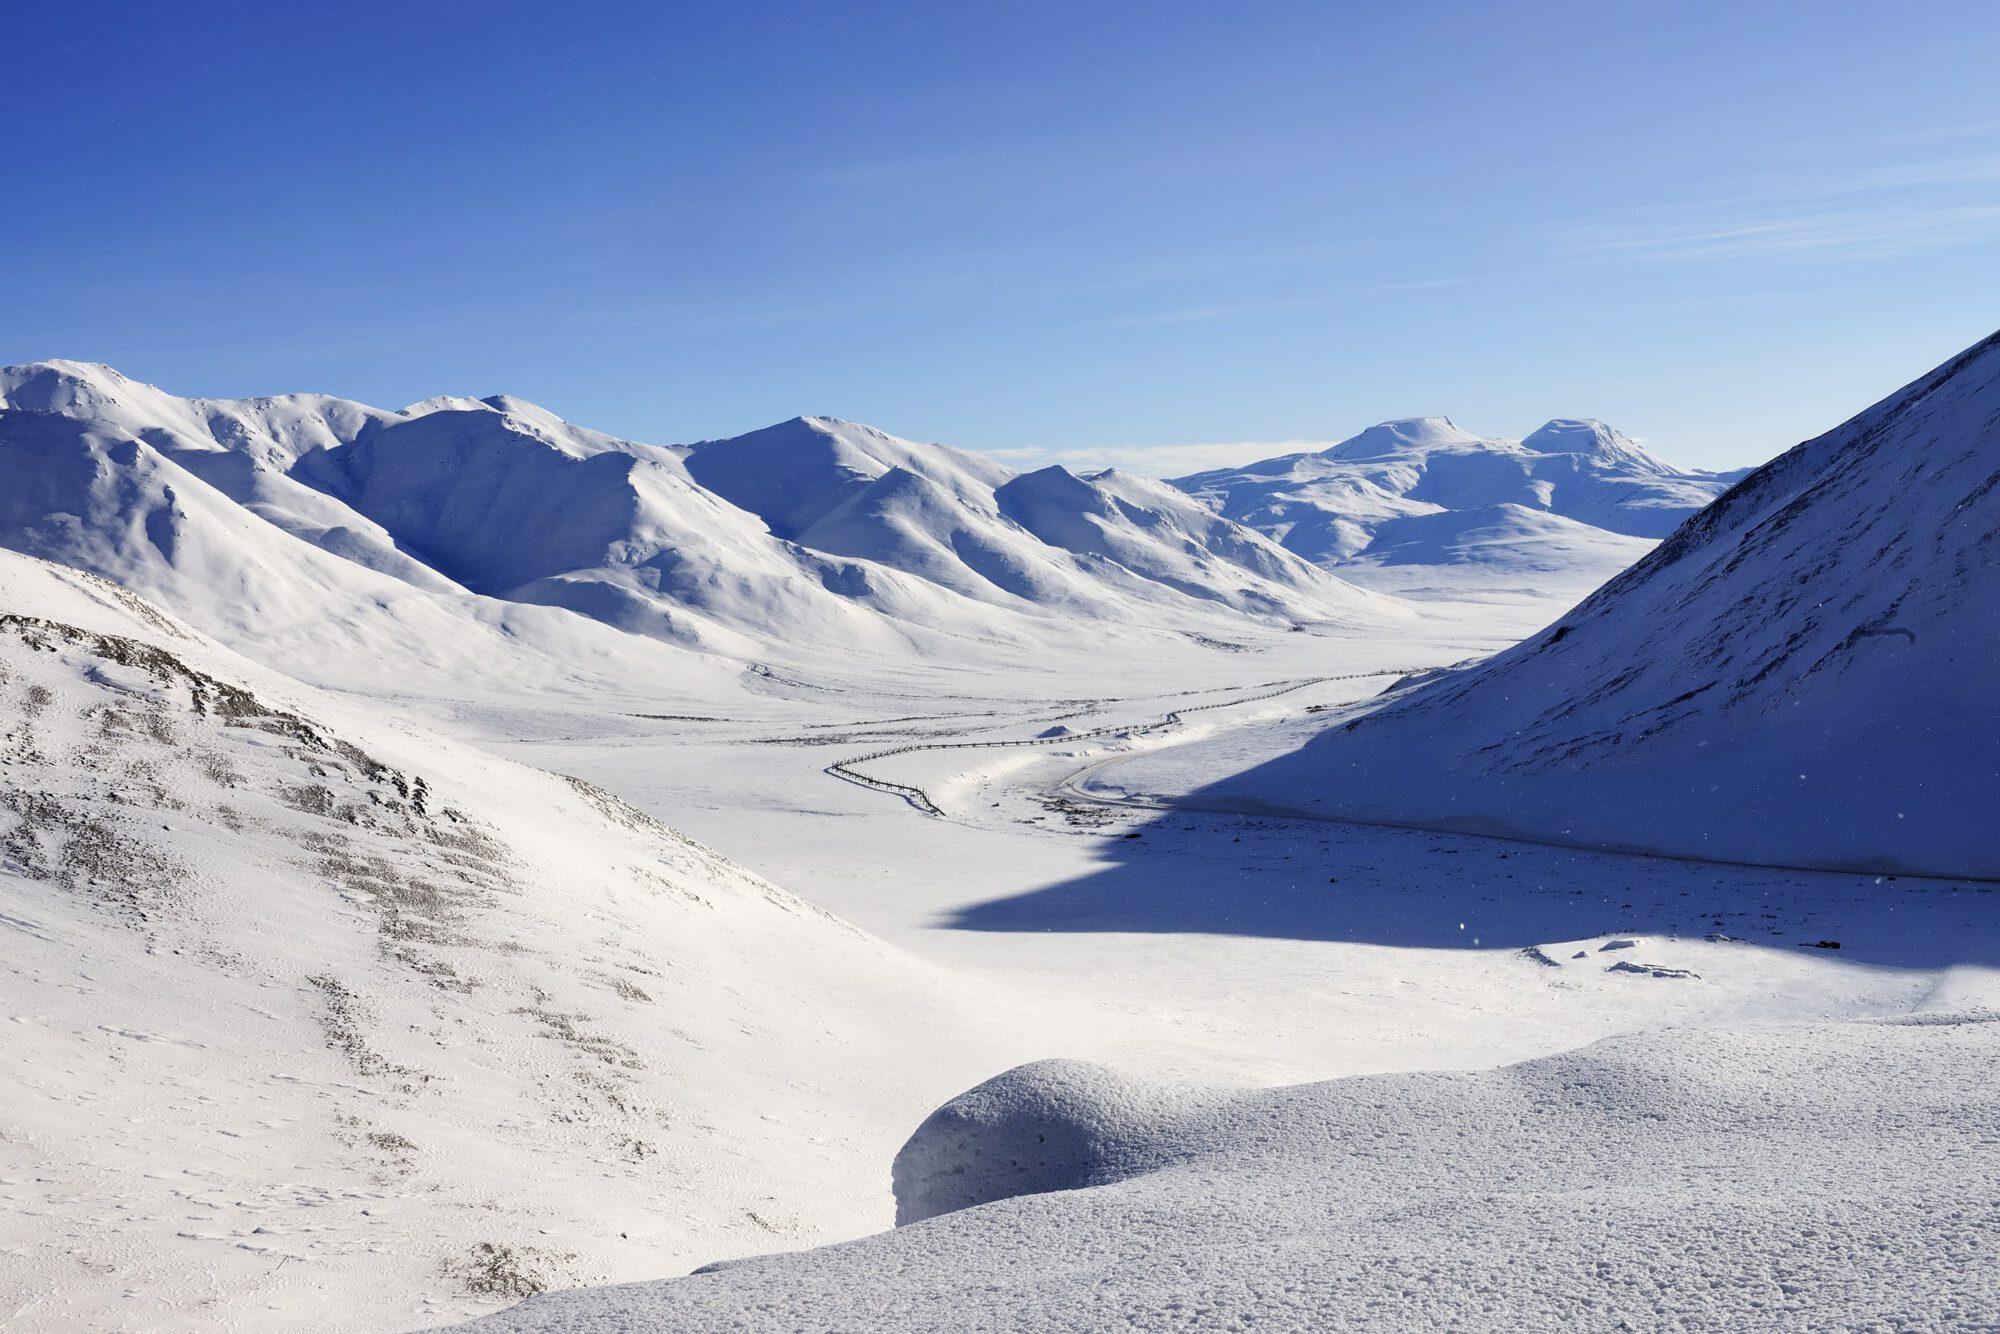 025_Brooks Range mit der Ölpipeline zur Prudhoe Bay-Alaska